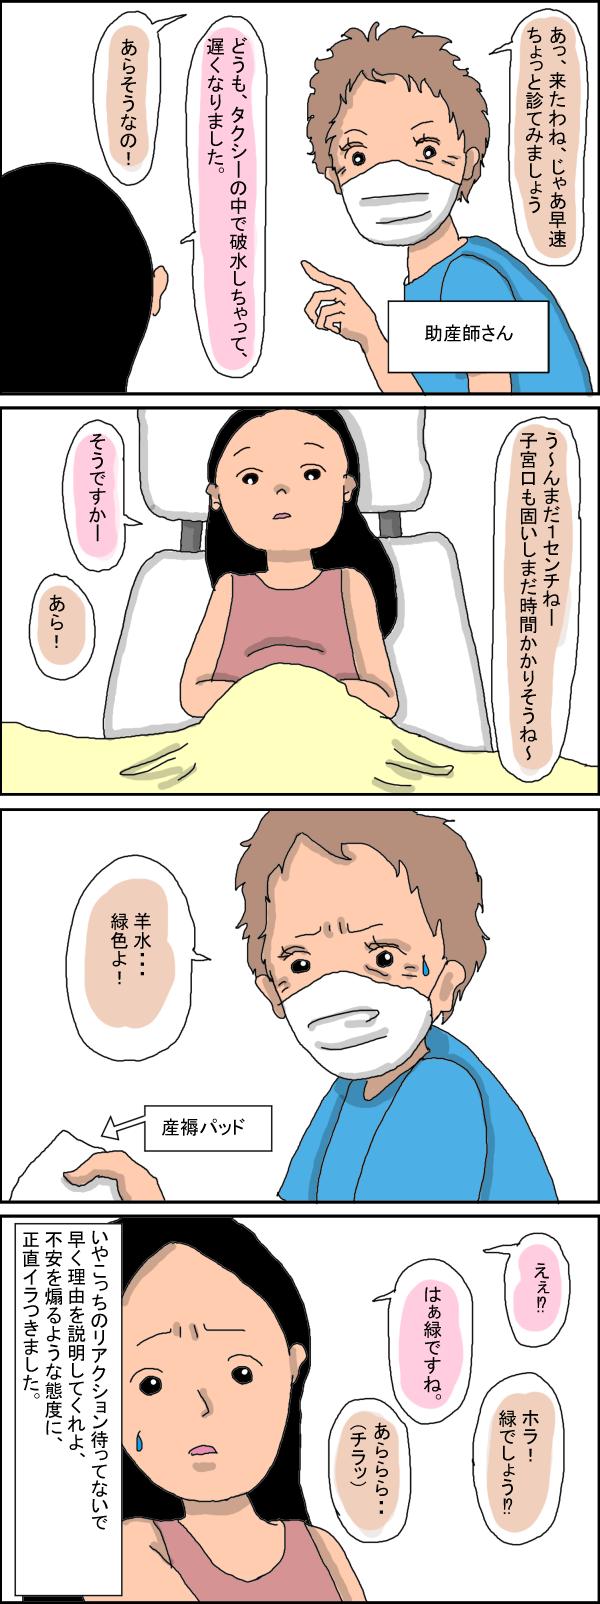 口 方 子宮 開き 【医療監修】経産婦の子宮口は開きやすい?出産の所要時間と実際の体験談 [ママリ]